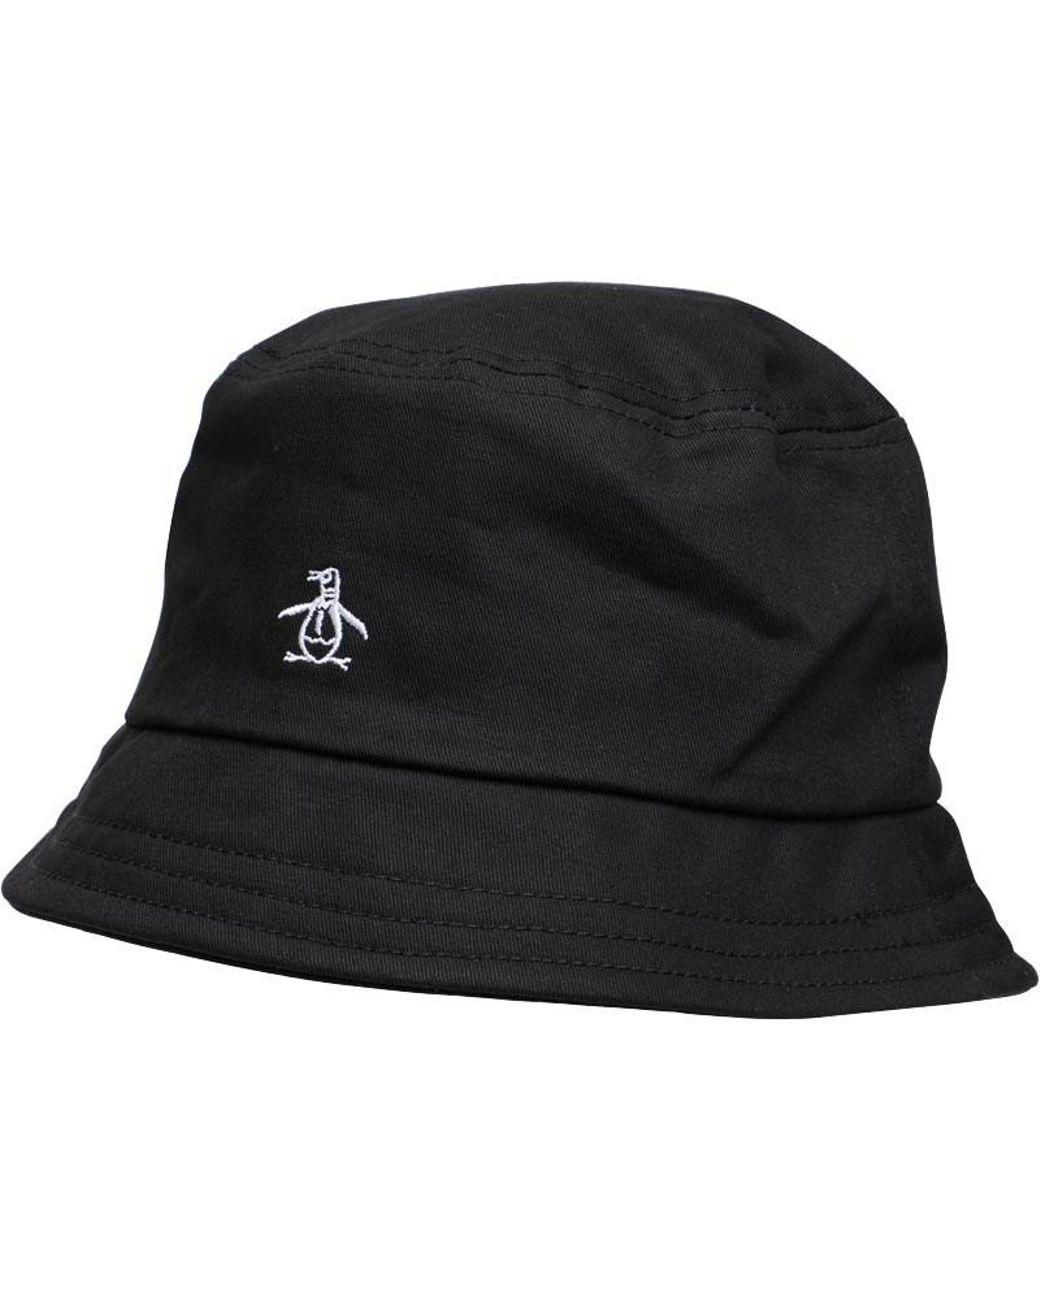 1ffa3d59e Men's Bucket Hat Black